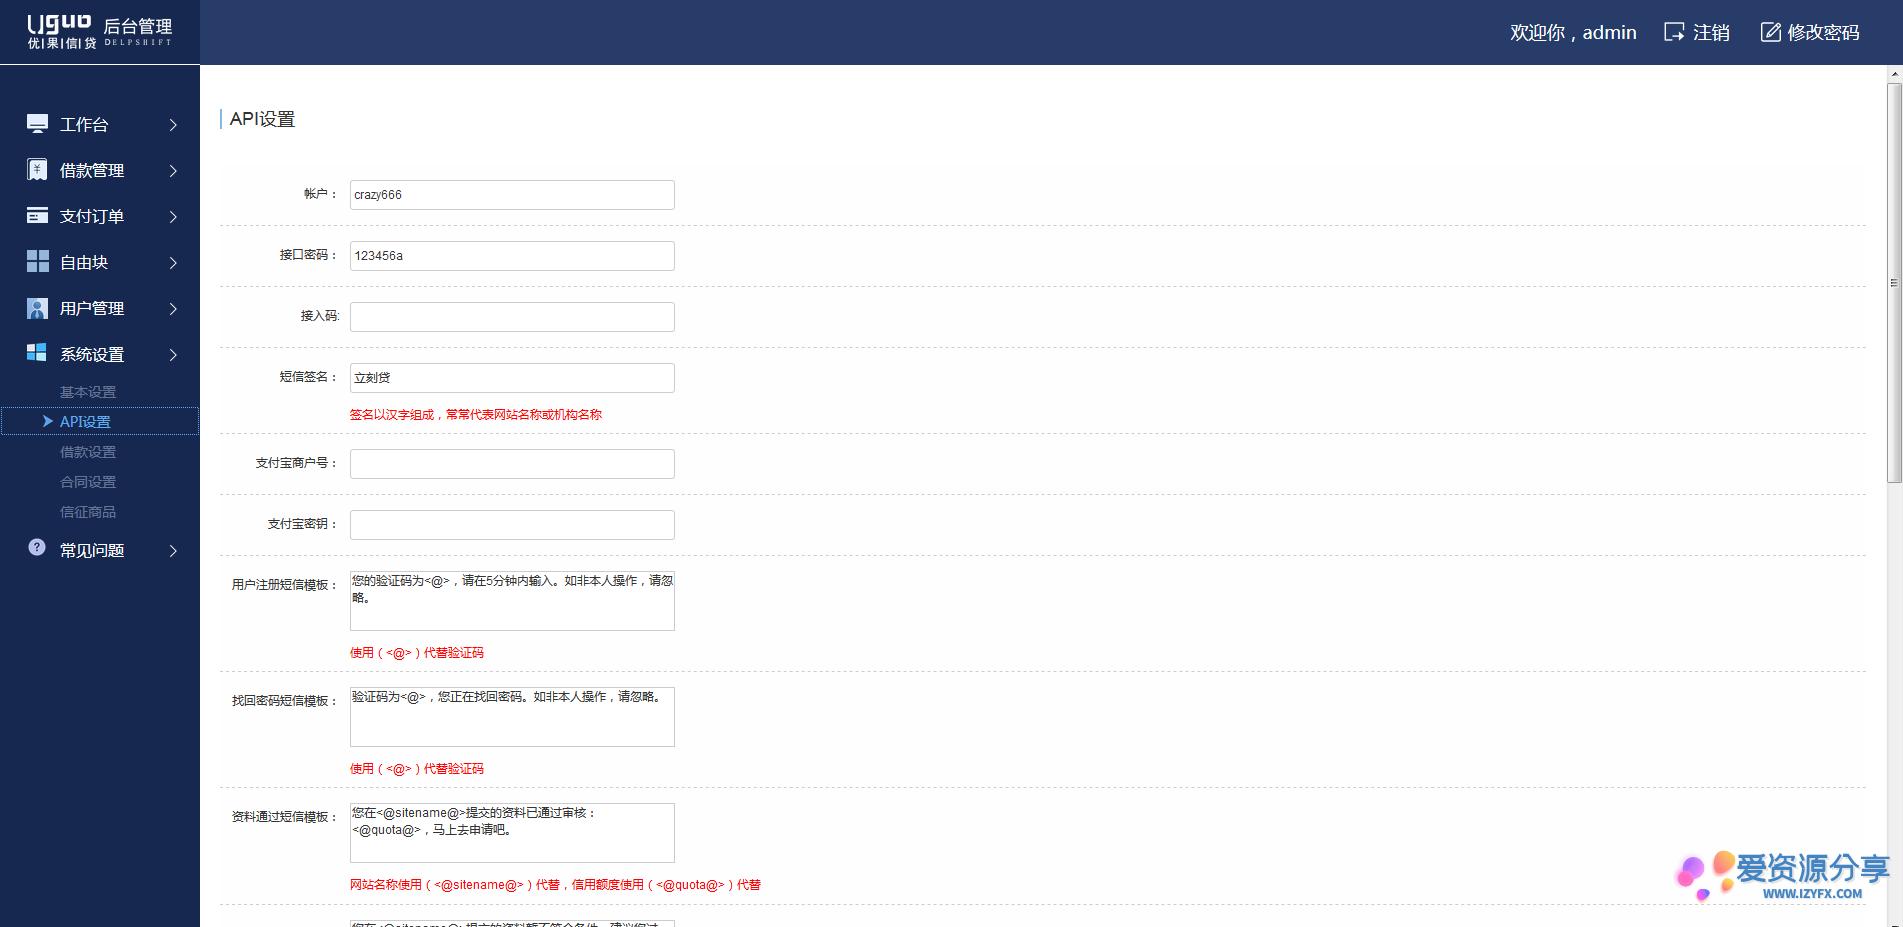 立刻贷小额现金贷网络贷款网站系统源码 支持打包APP-爱资源分享